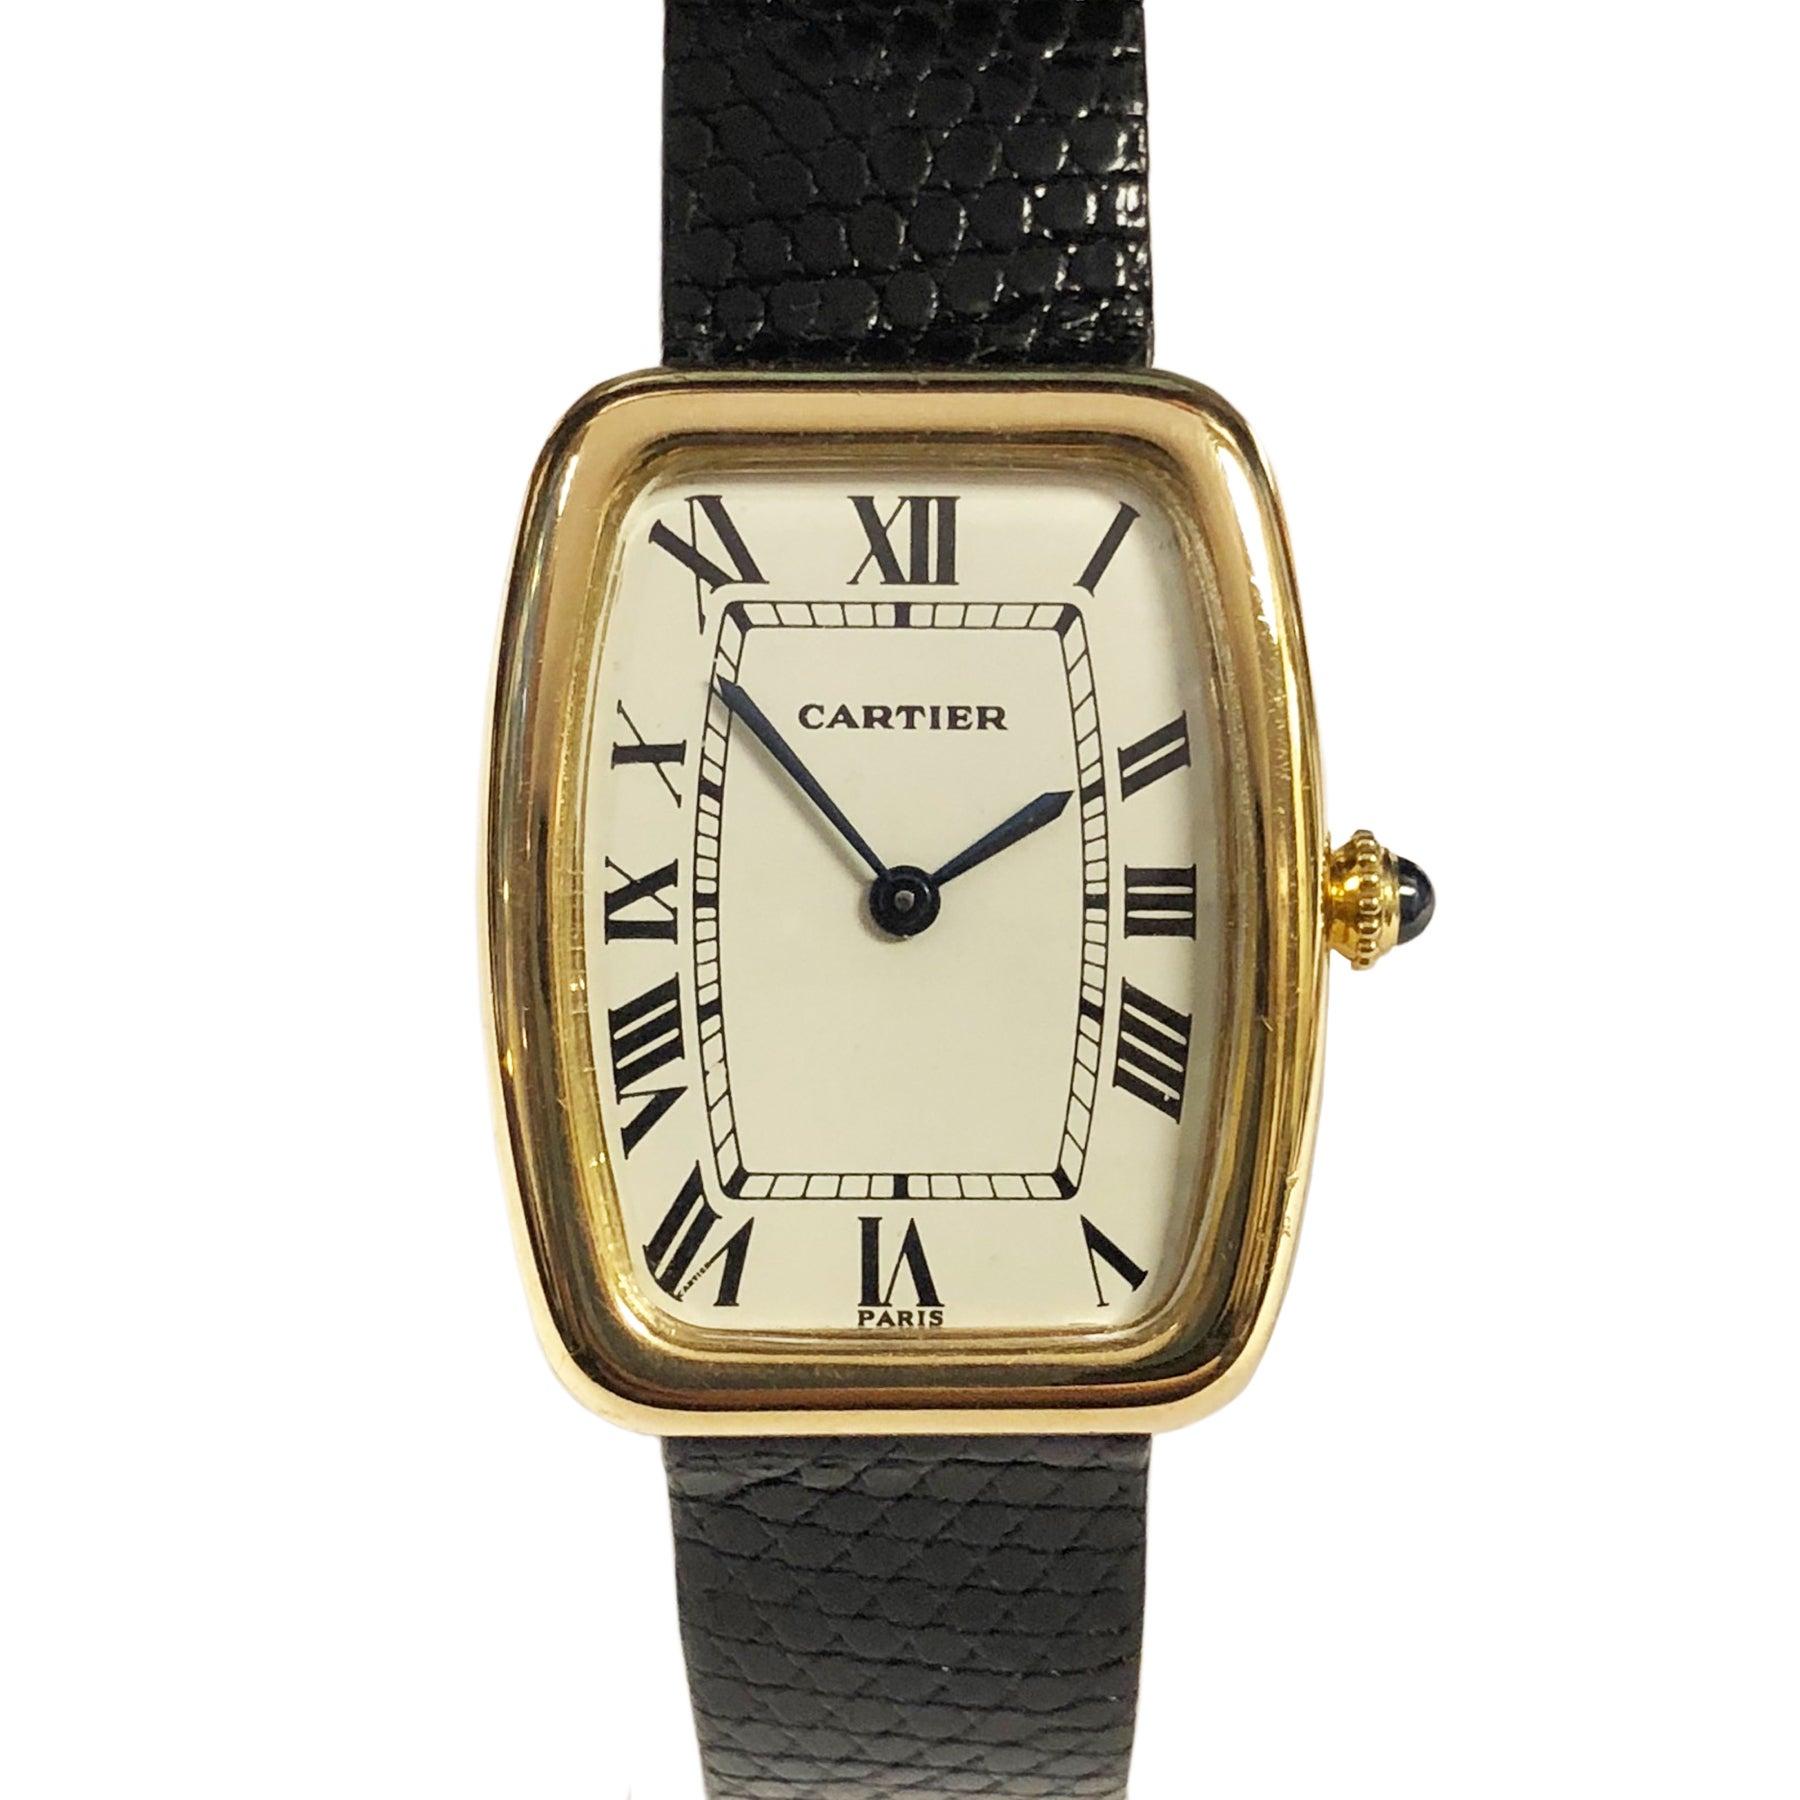 Cartier Paris Vintage Yellow Gold Faberge Tonneau Manual Wind Wristwatch